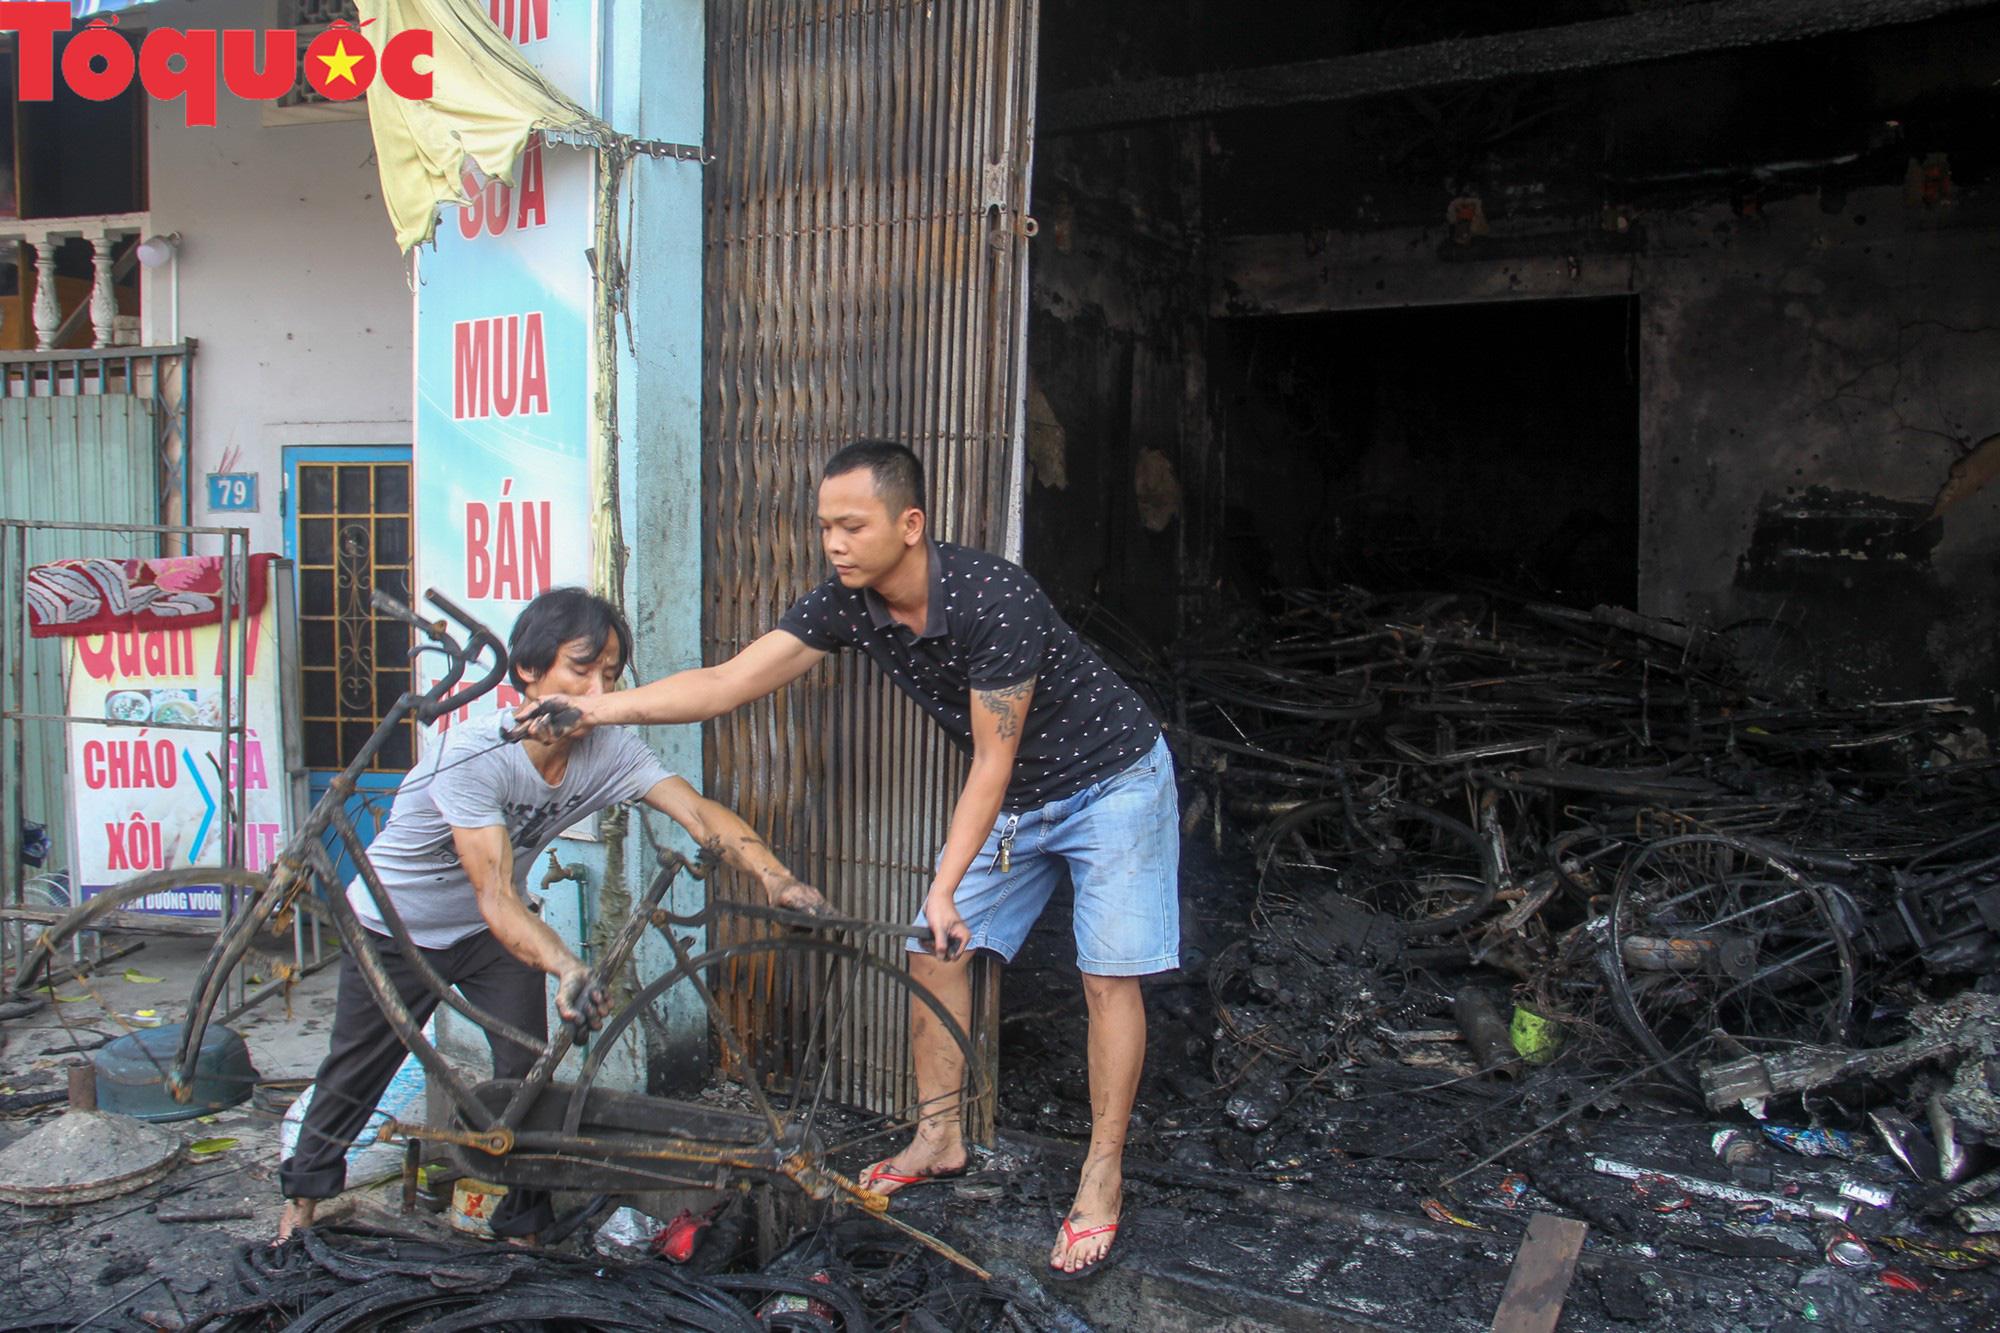 Hình ảnh hiện trường vụ hỏa hoạn khiến 3 người trong một gia đình tử vong thương tâm - Ảnh 8.